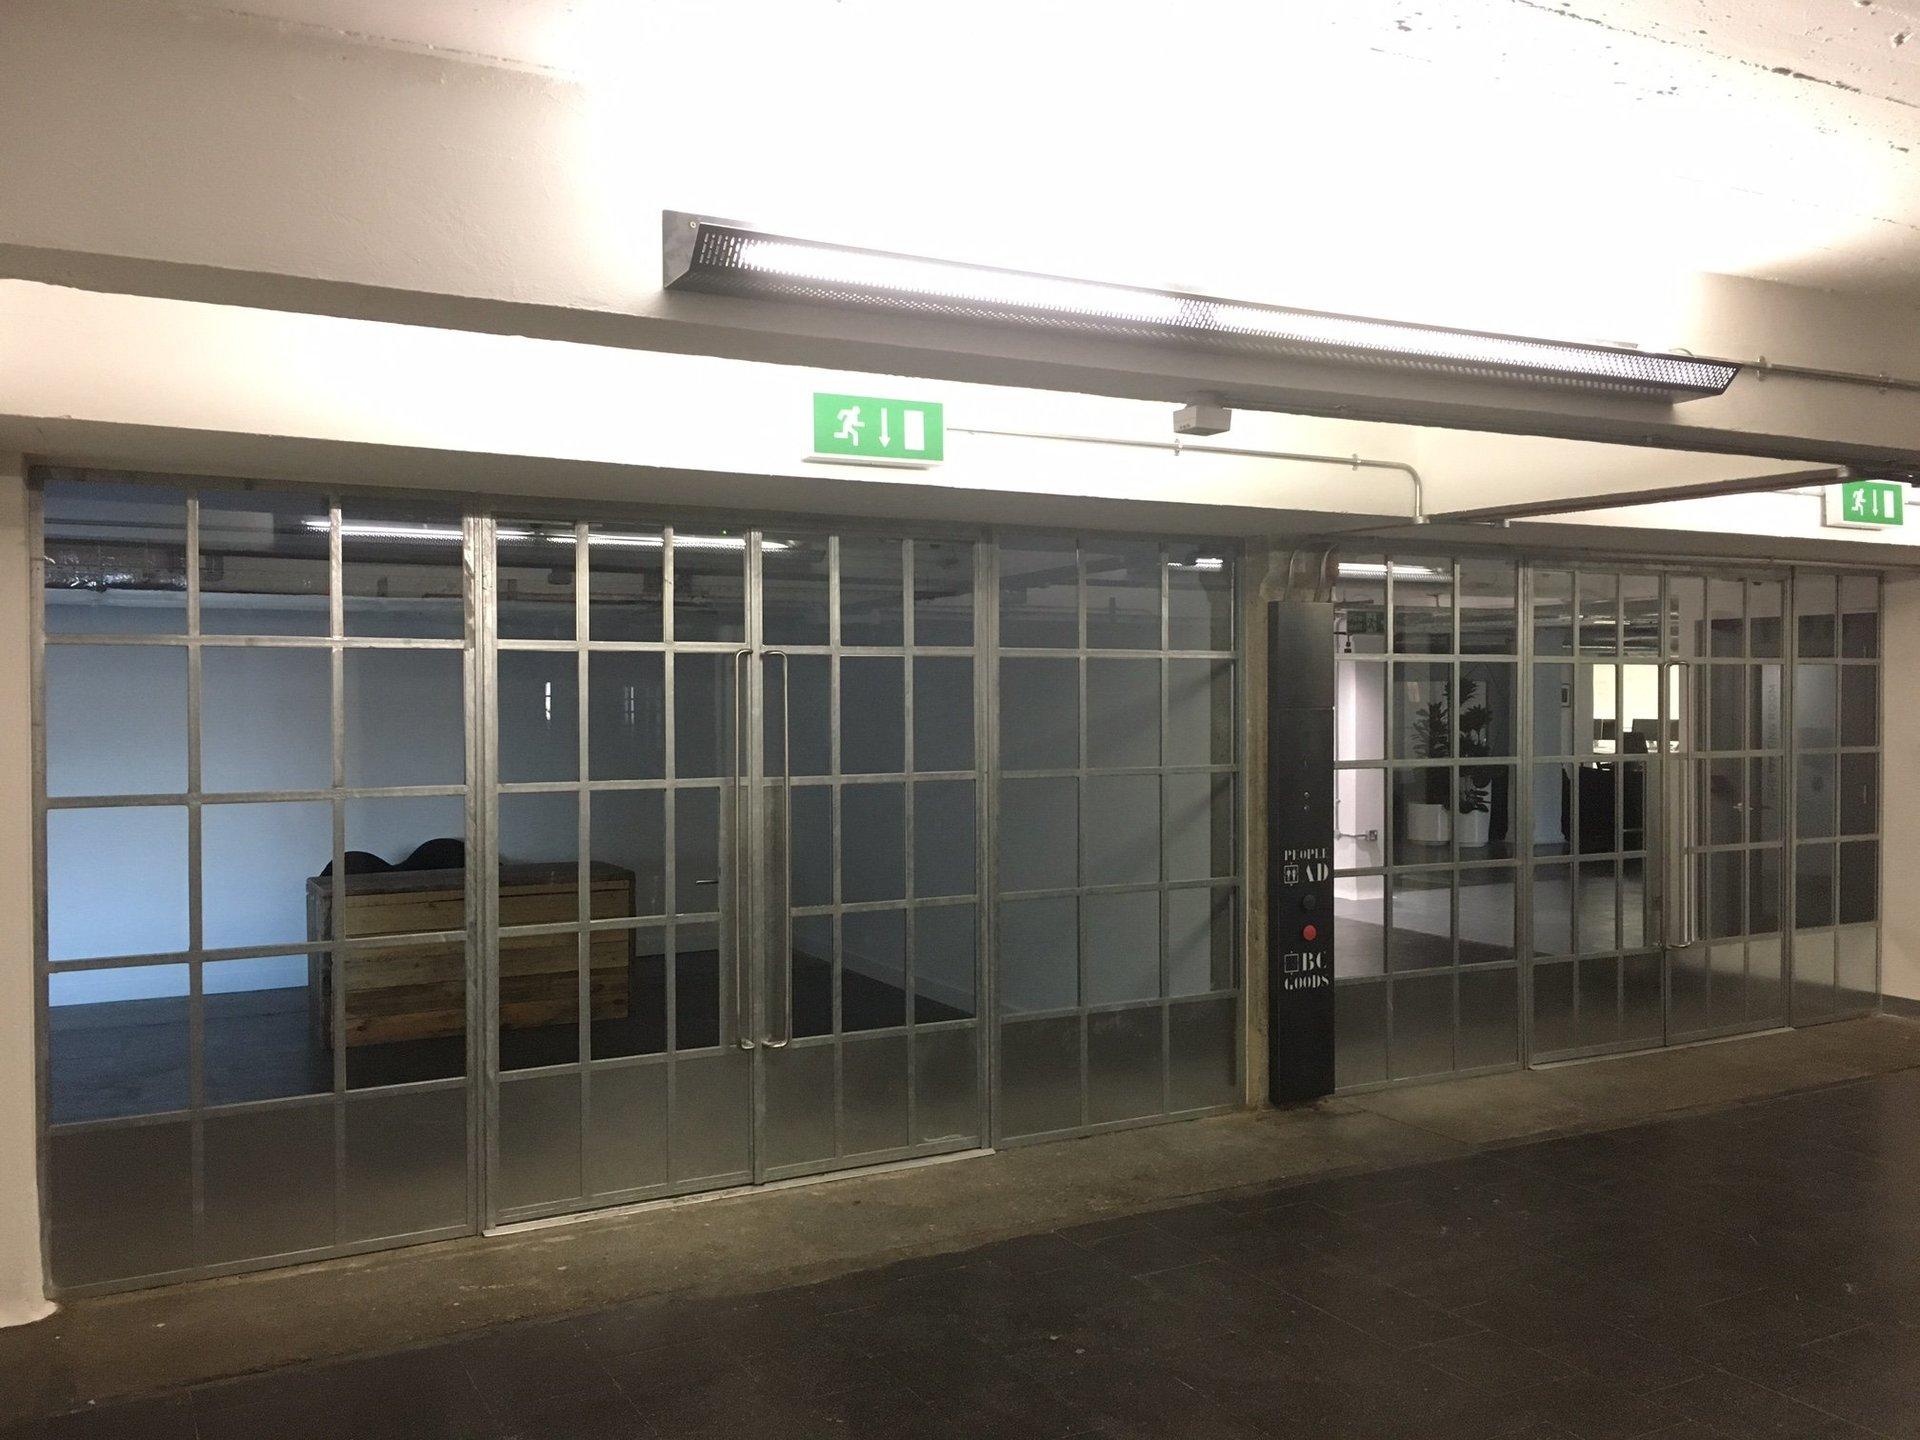 A steel framed window pane